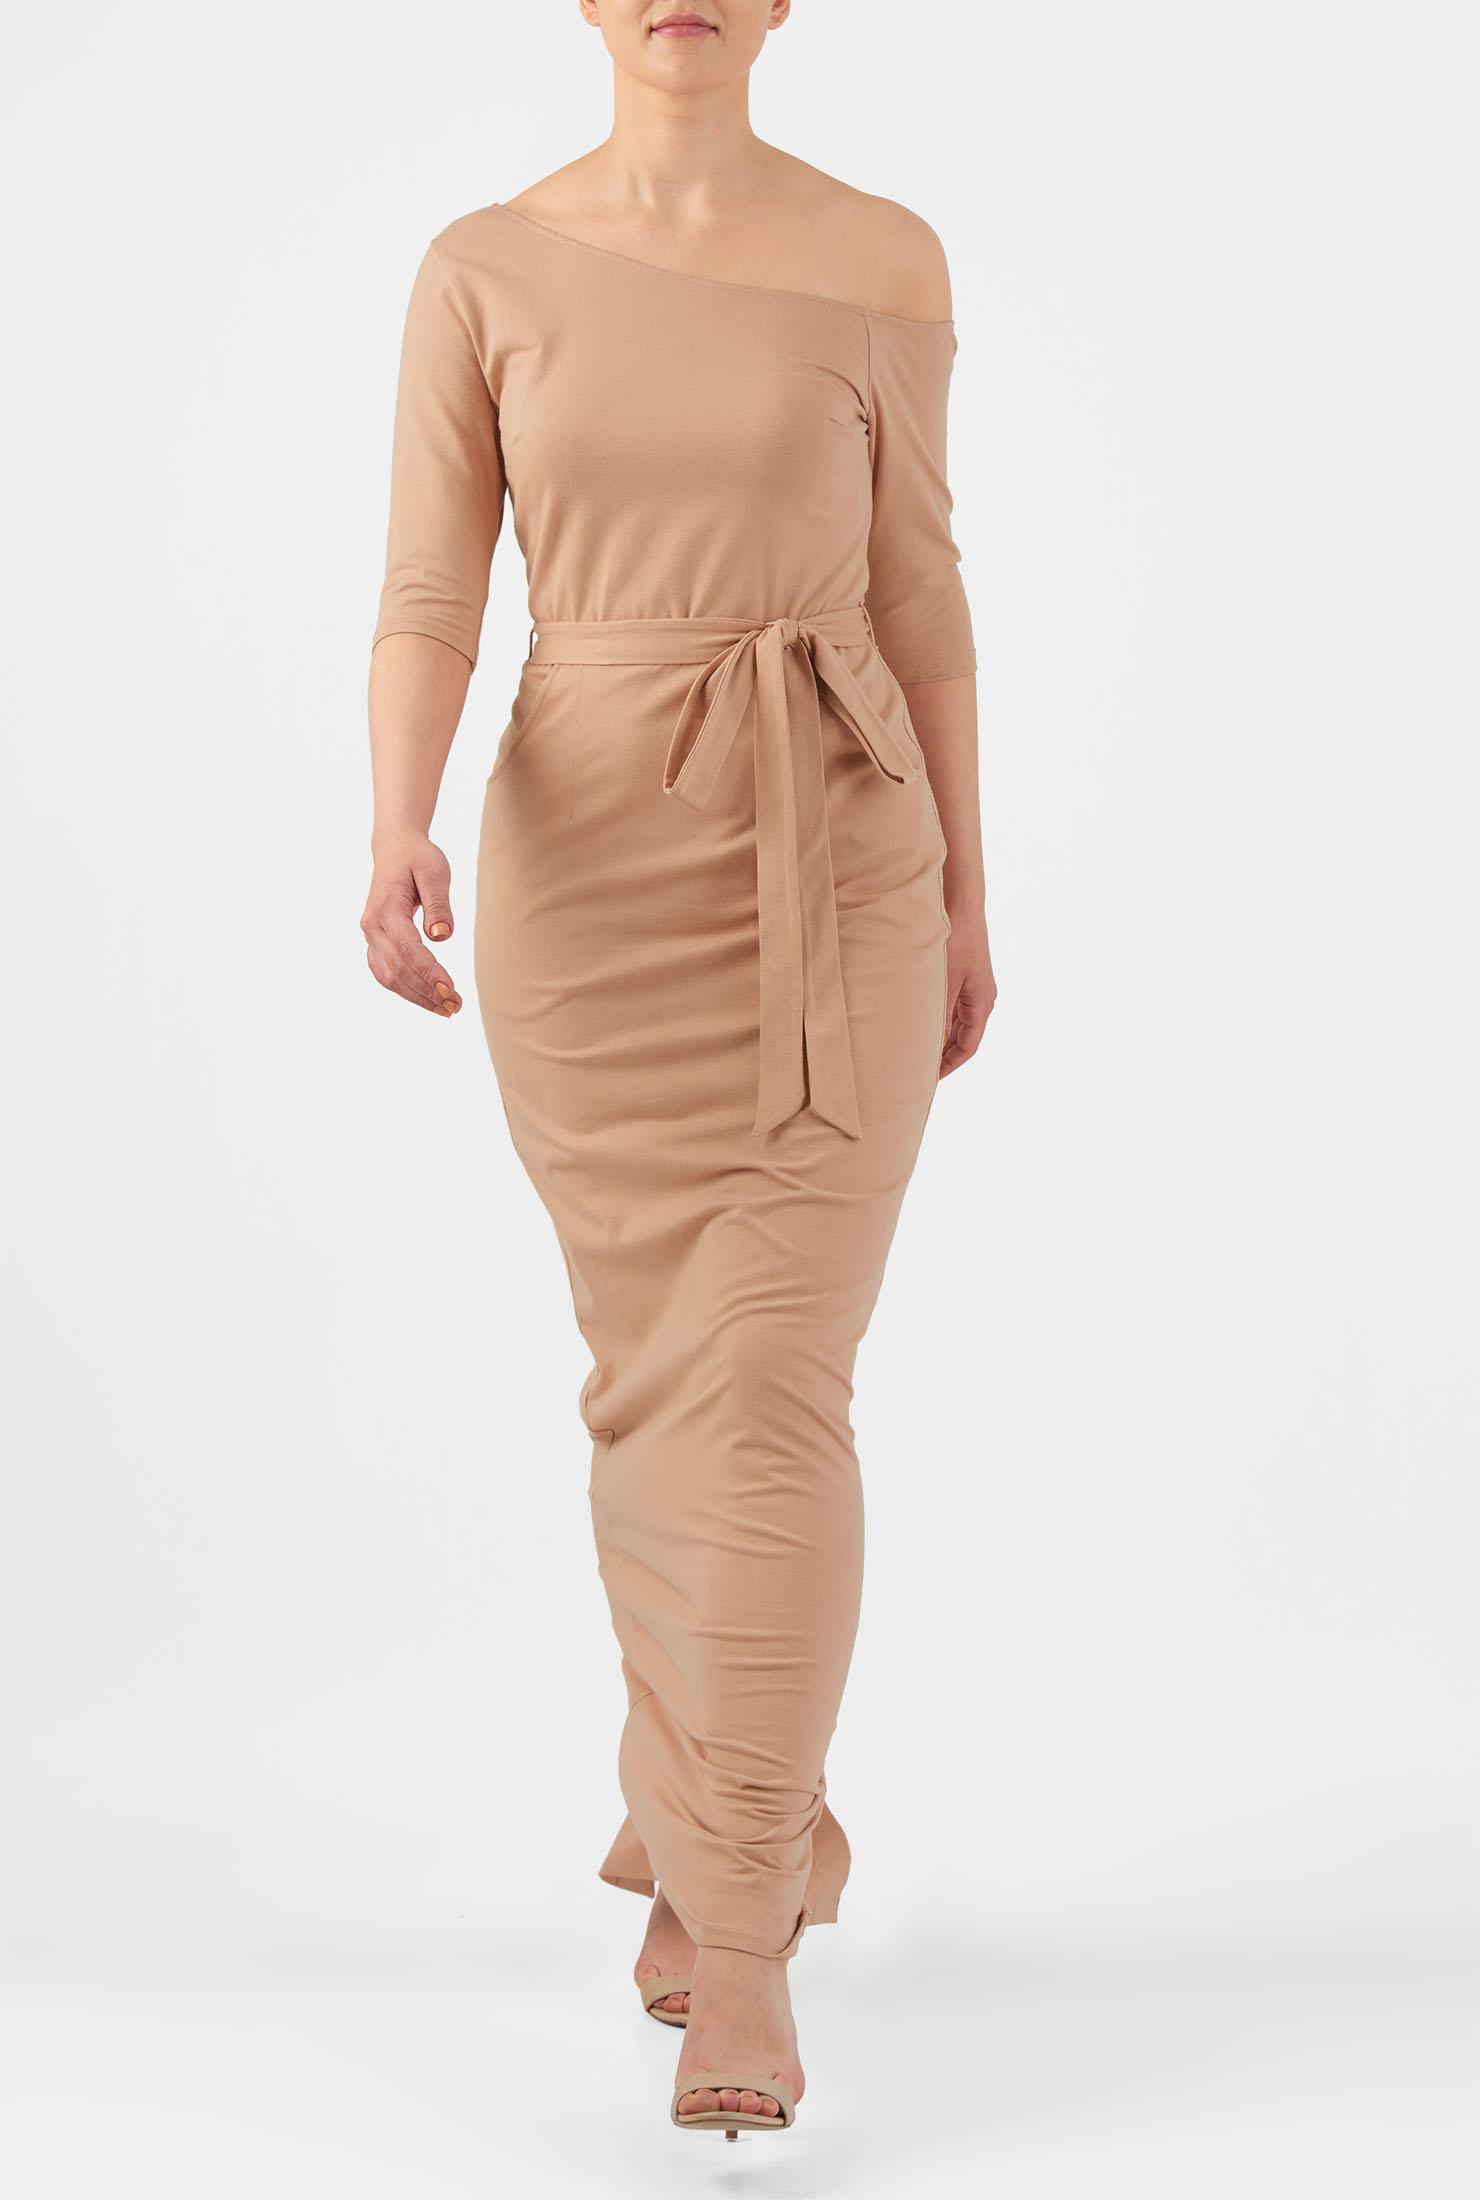 eShakti Women's One shoulder cotton knit maxi dress CL0050142